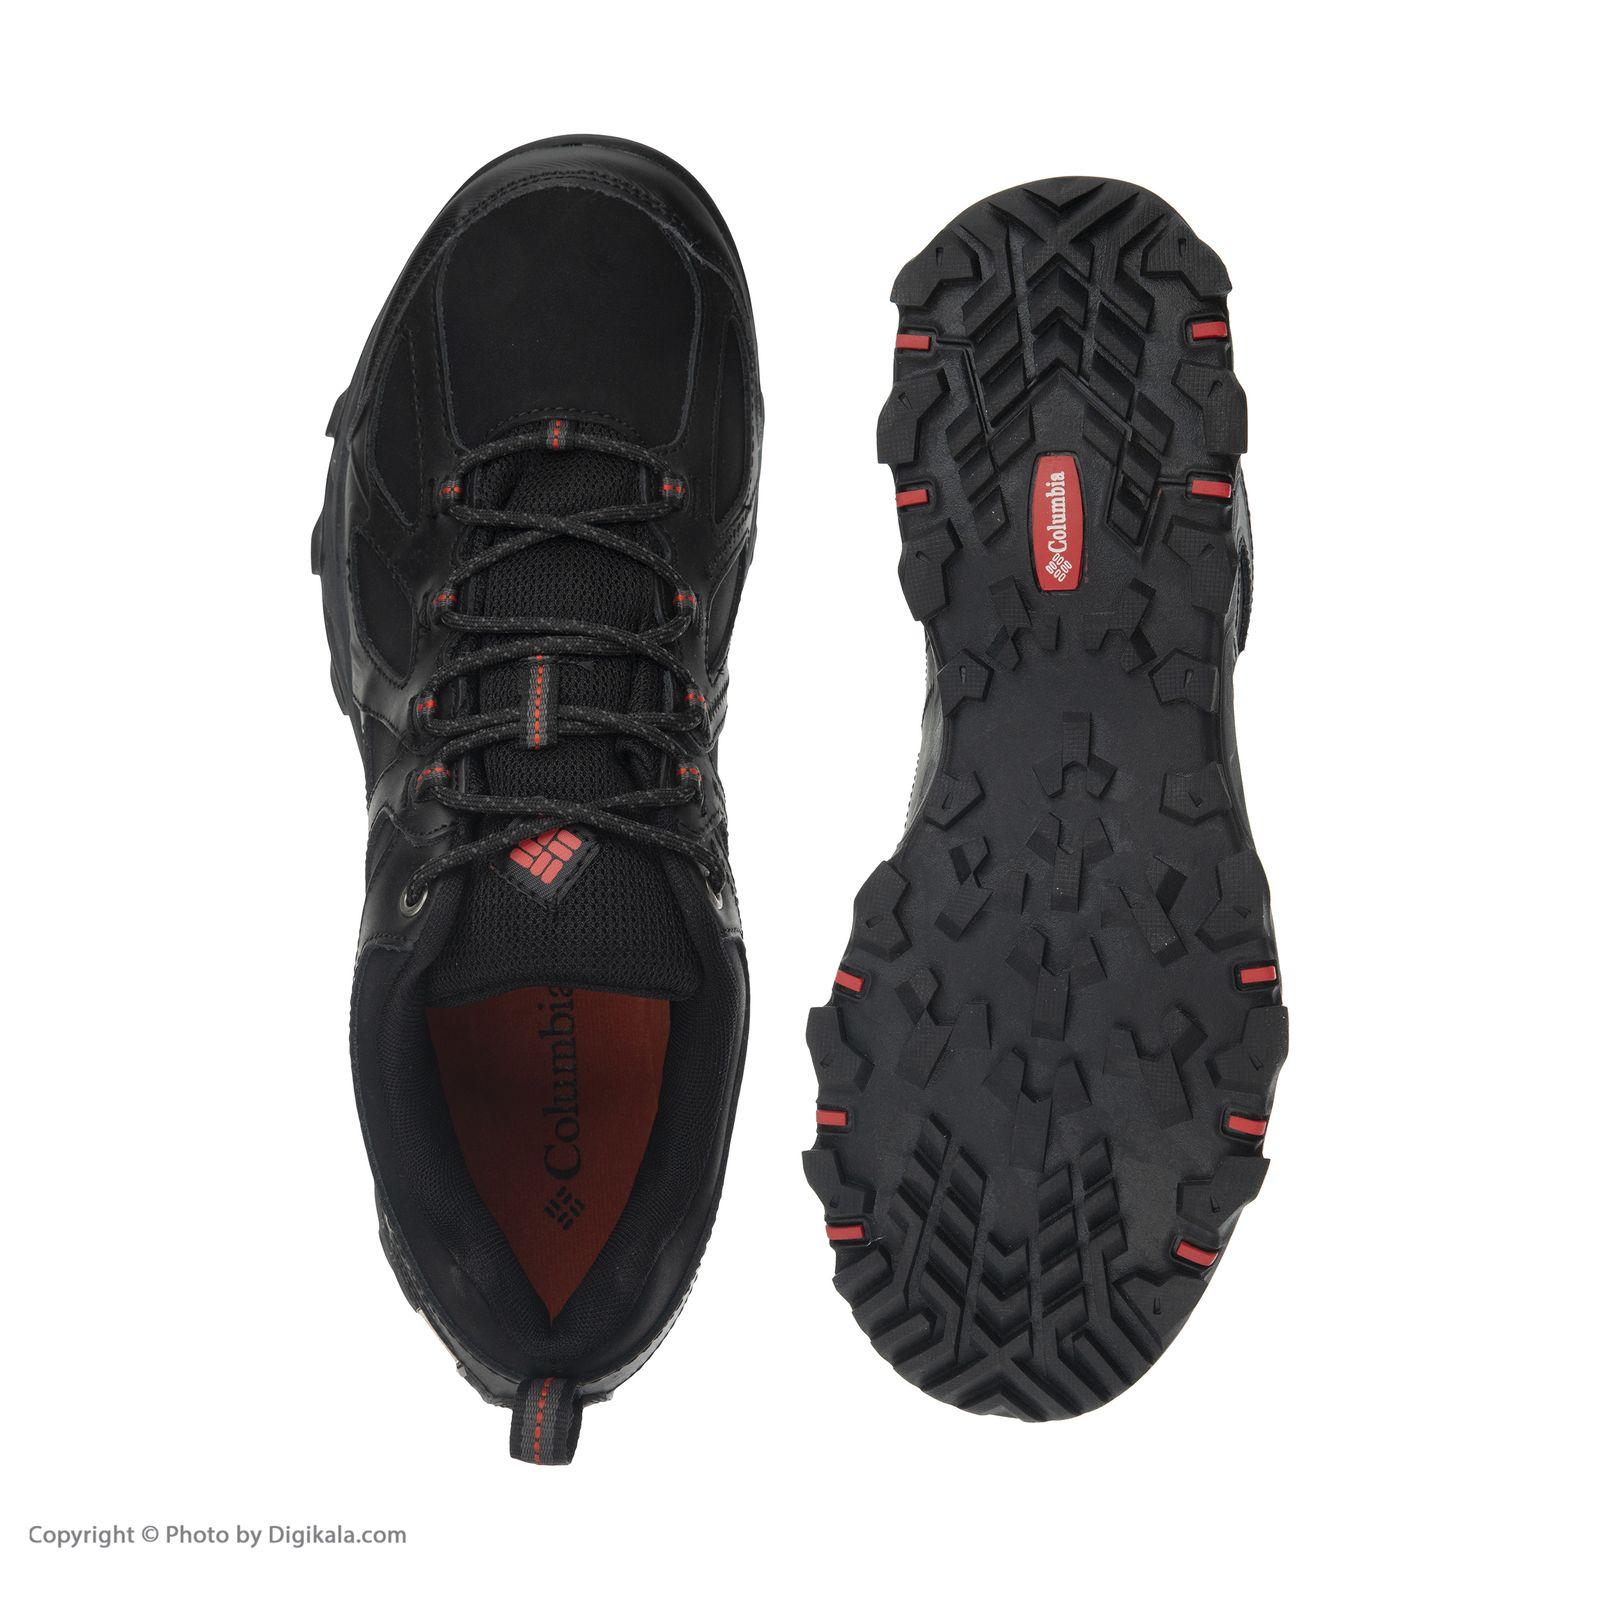 کفش طبیعت گردی مردانه کلمبیا مدل Out Dry -  - 8